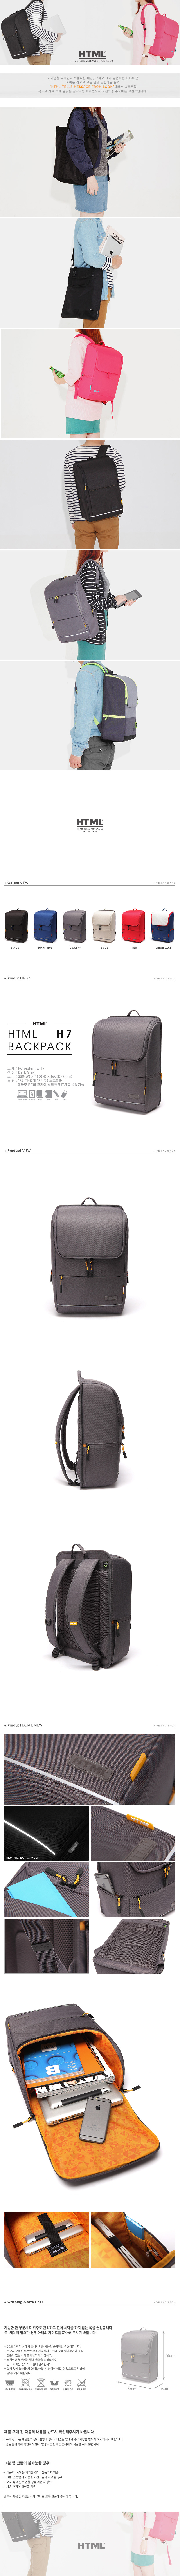 [에이치티엠엘]HTML - NEW H7 Backpack (Dk.GRAY) 백팩